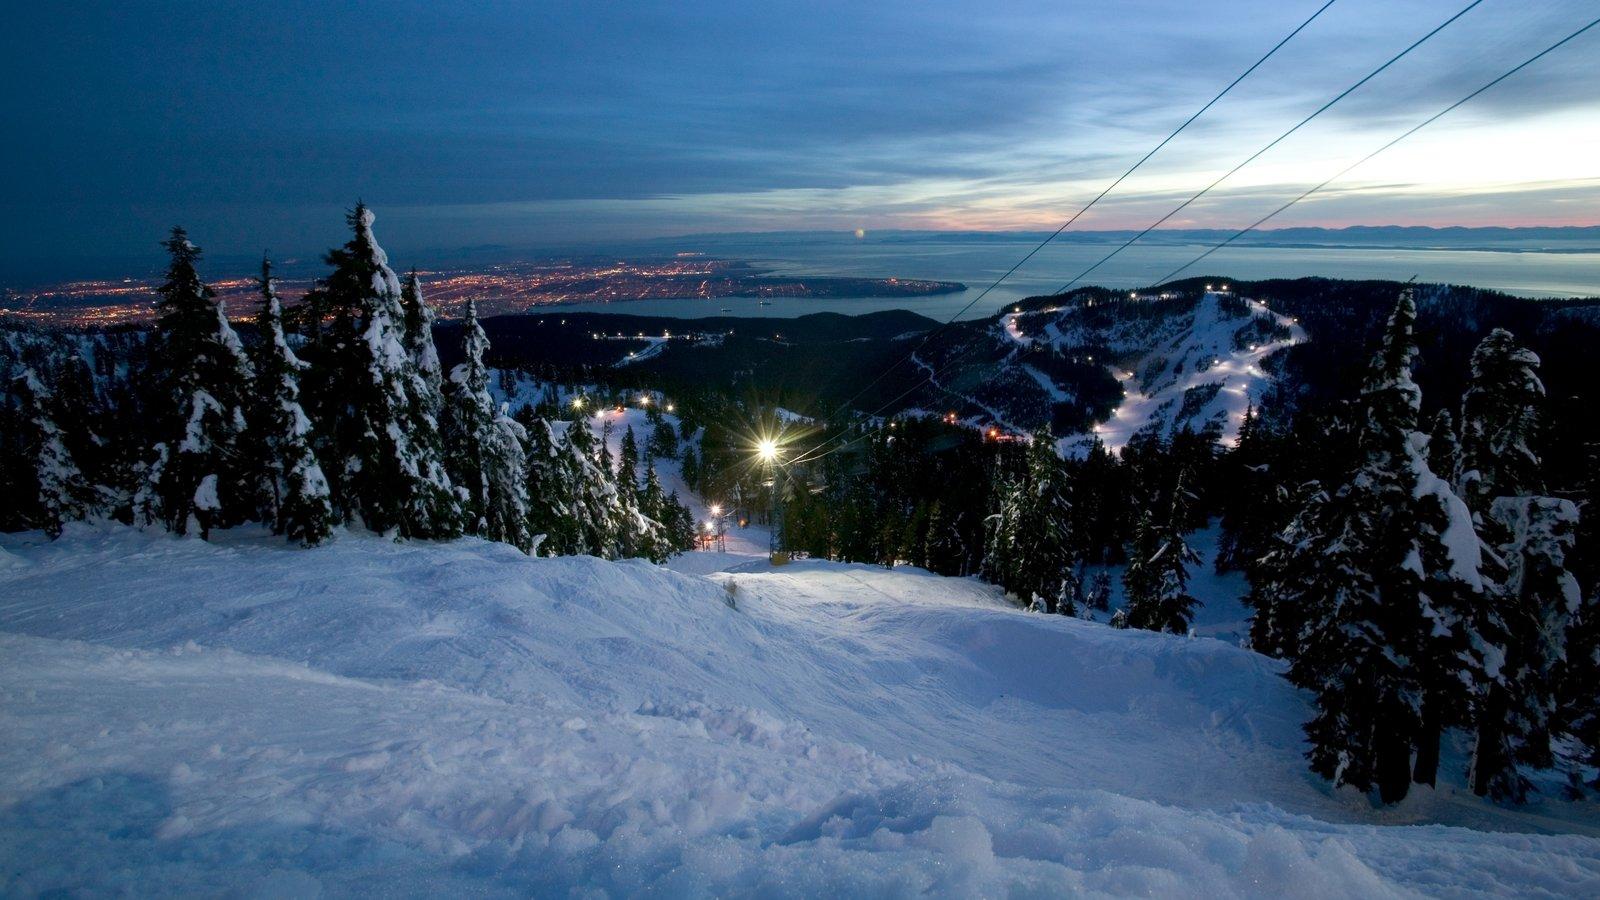 Cypress Mountain ofreciendo montañas, una góndola y una puesta de sol